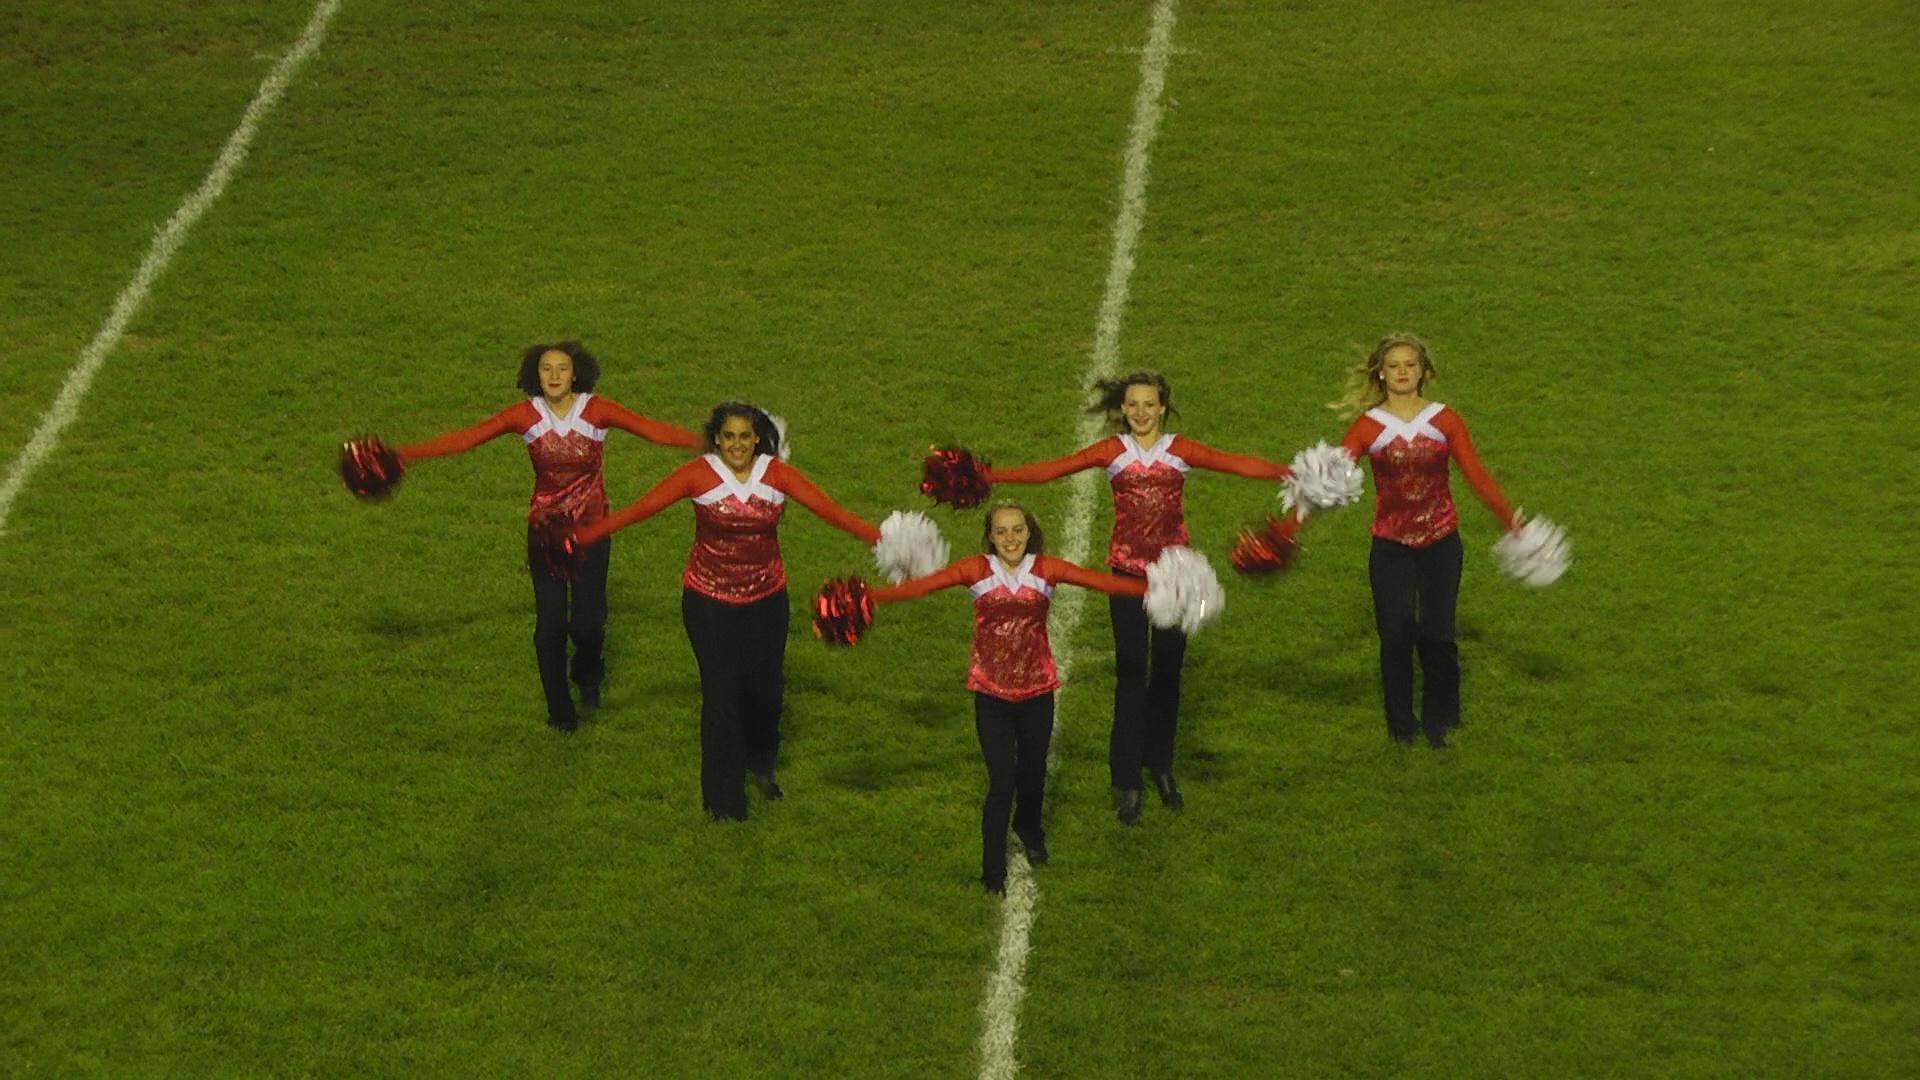 2012-10-danceteam-haltimefbshowlow